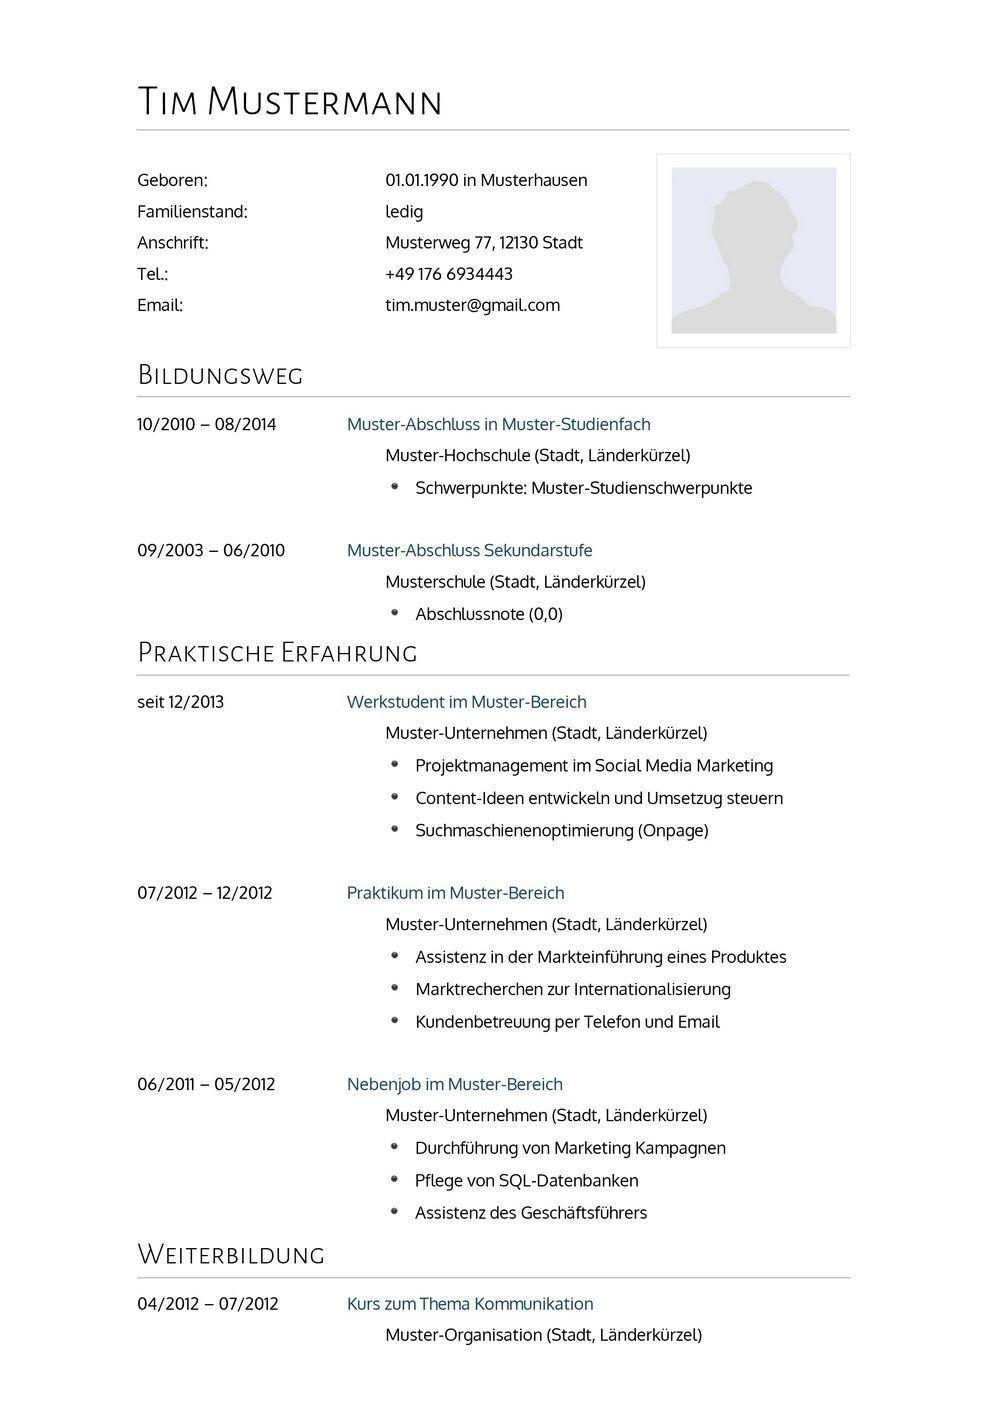 Lebenslauf Muster für Arzt | Lebenslauf Designs | DOK | Pinterest ...